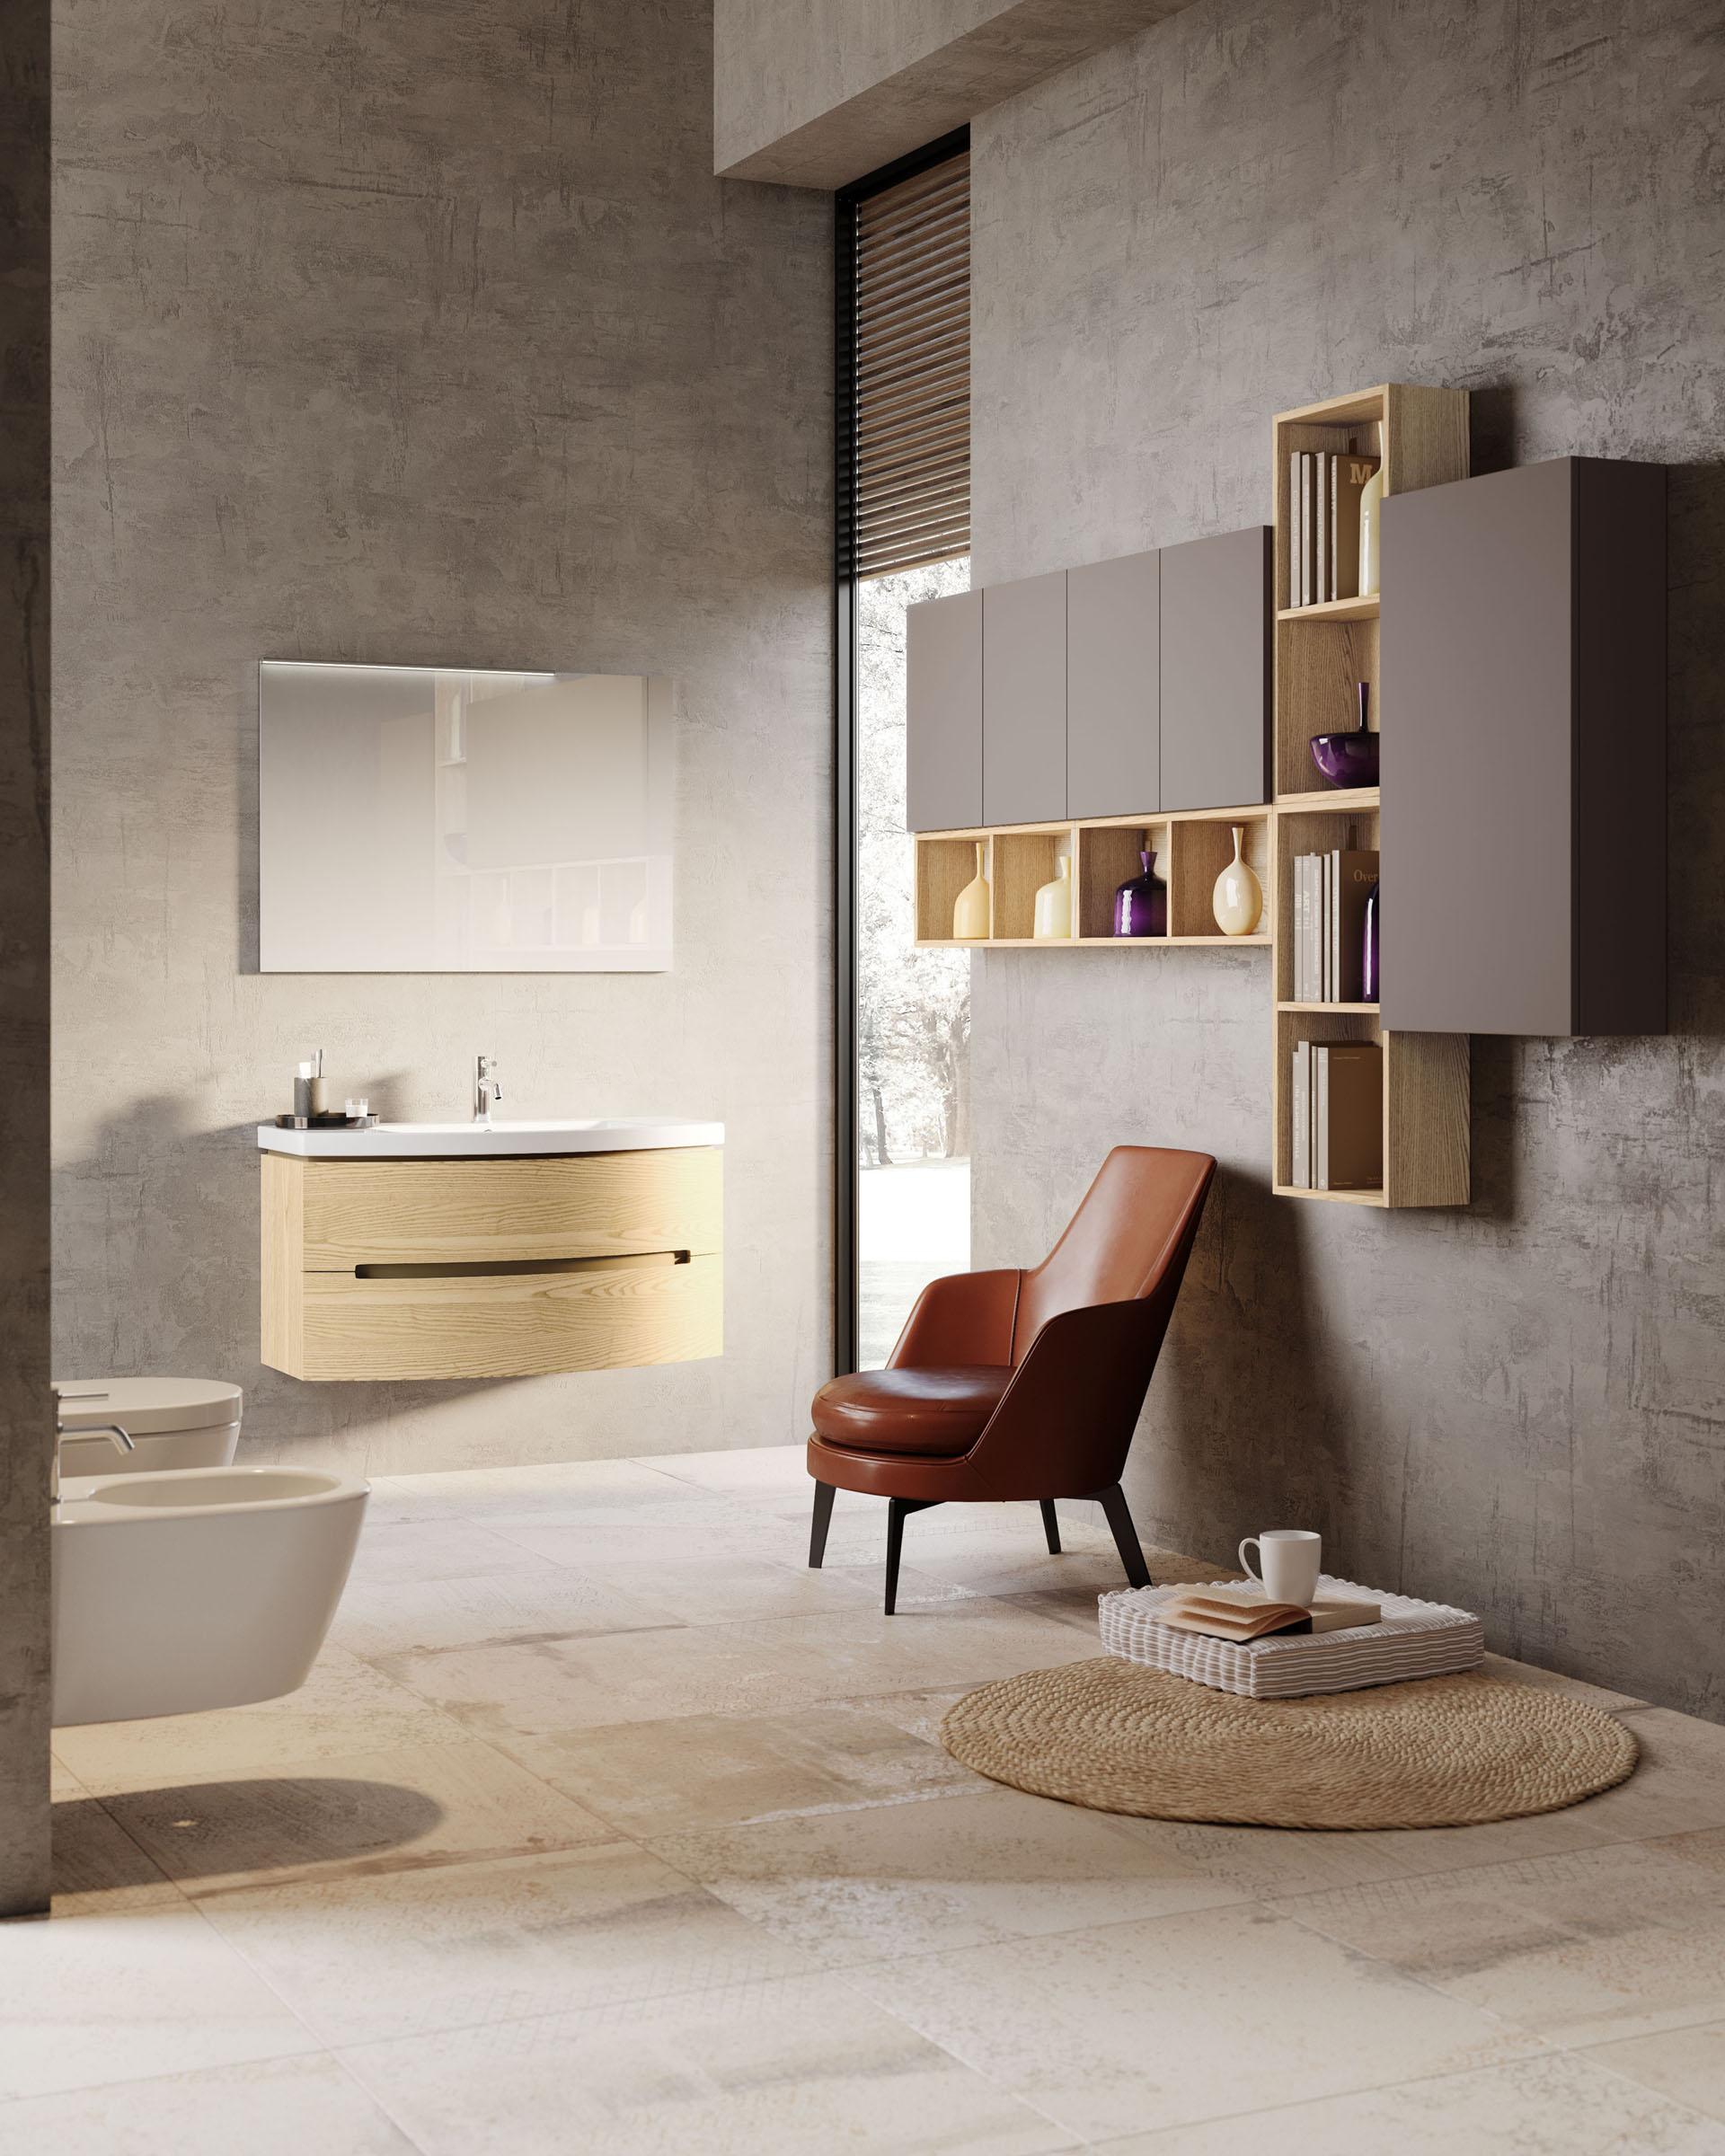 Accessori per il bagno: come e dove posizionarli per non sbagliare.